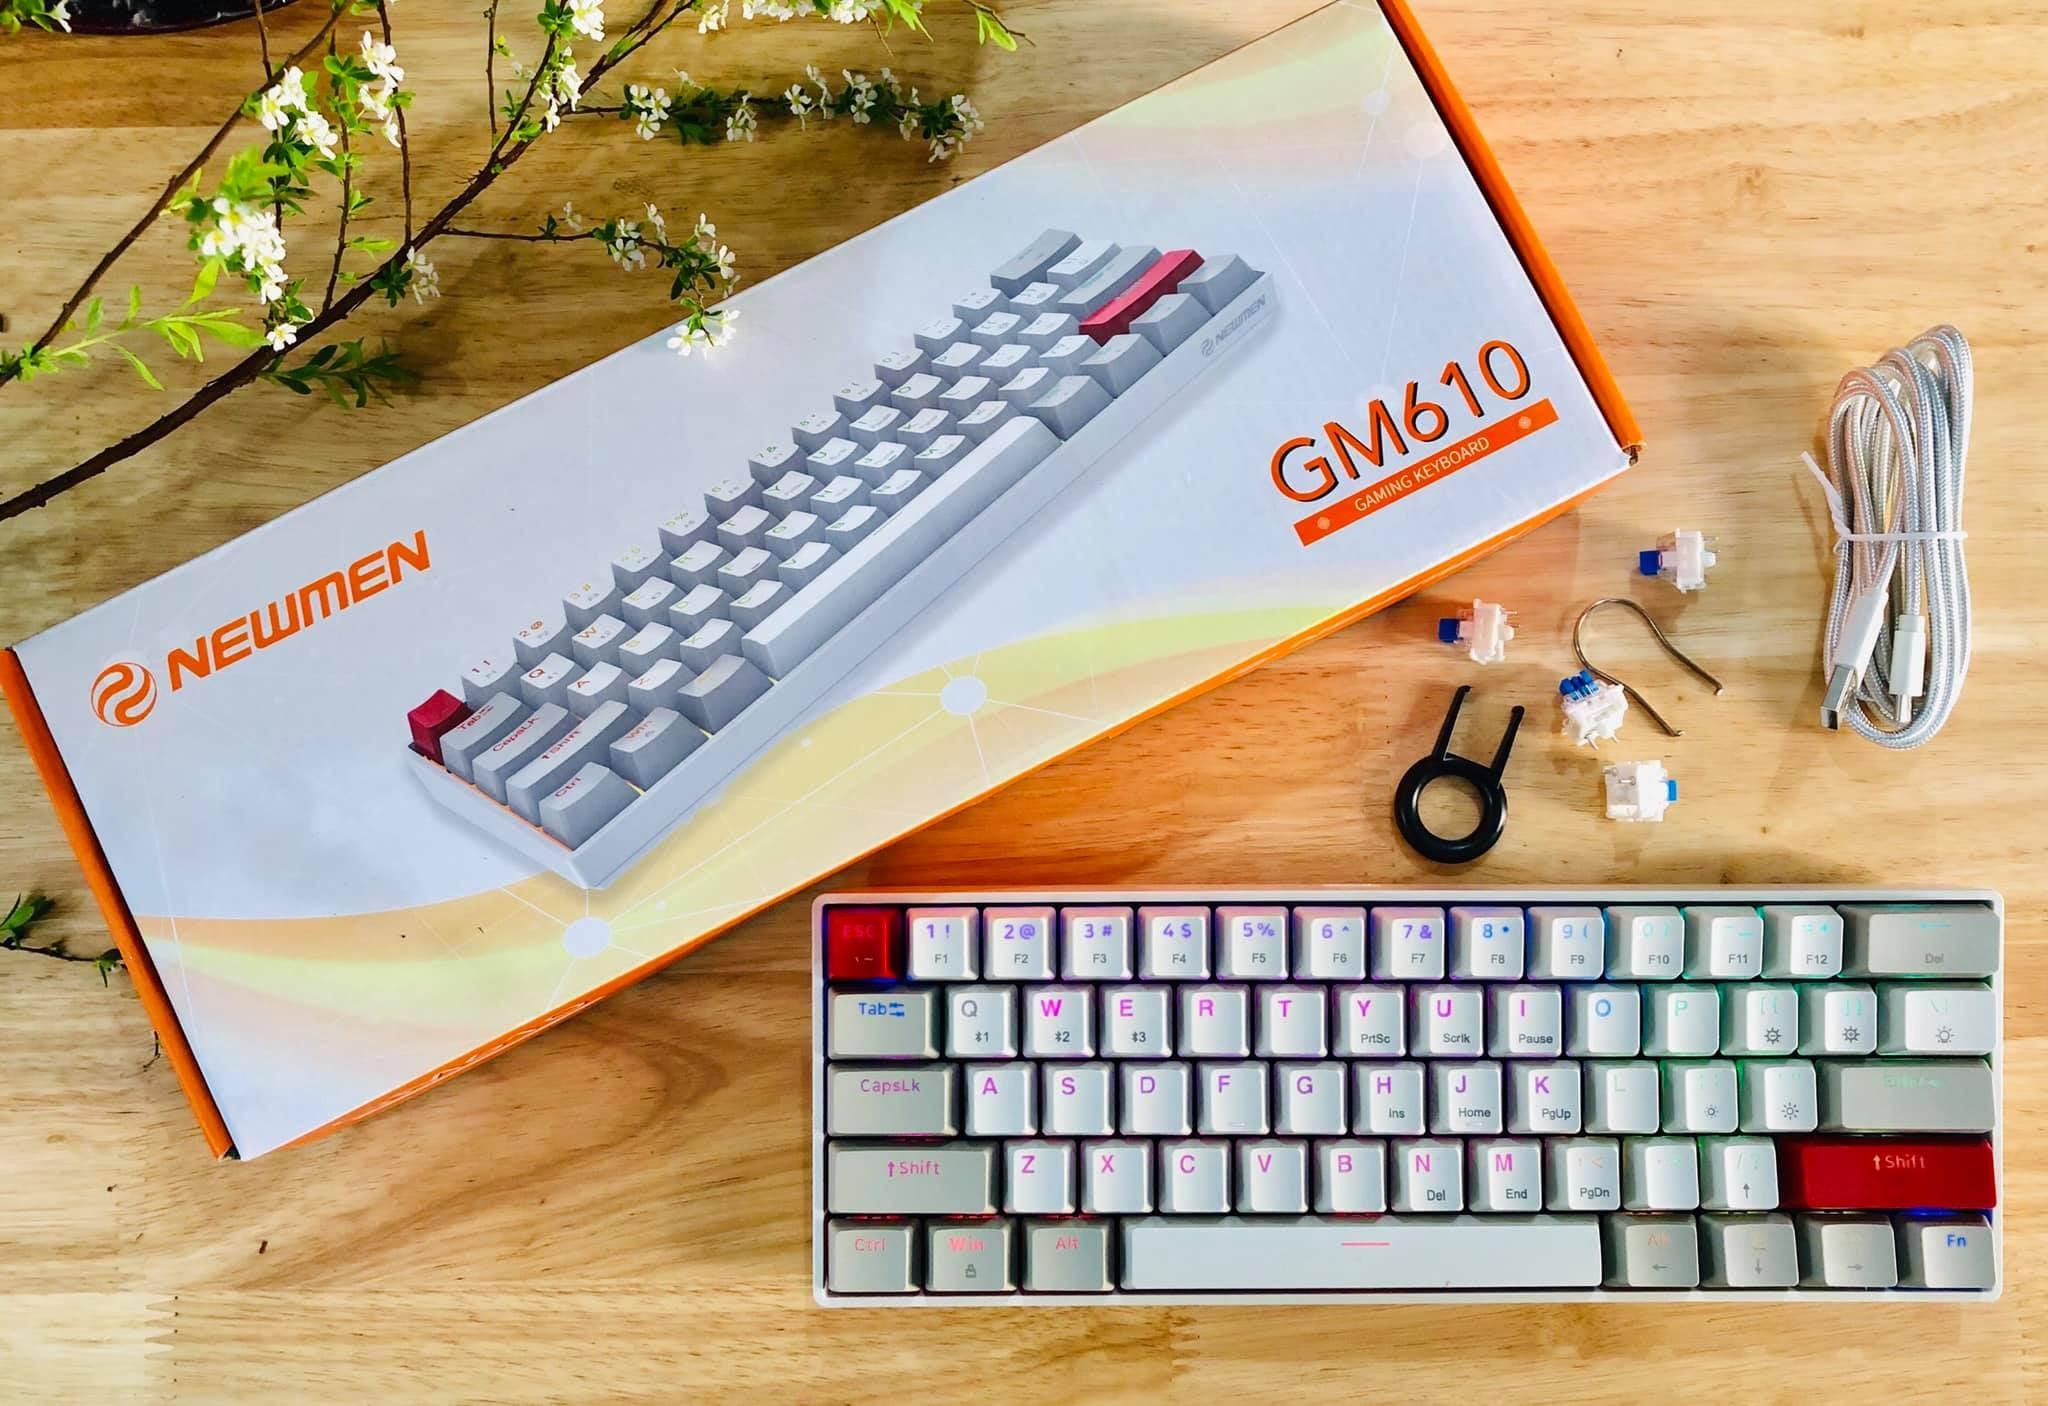 Đánh giá bàn phím không dây Bluetooth GM610 hai chế độ độc đáo